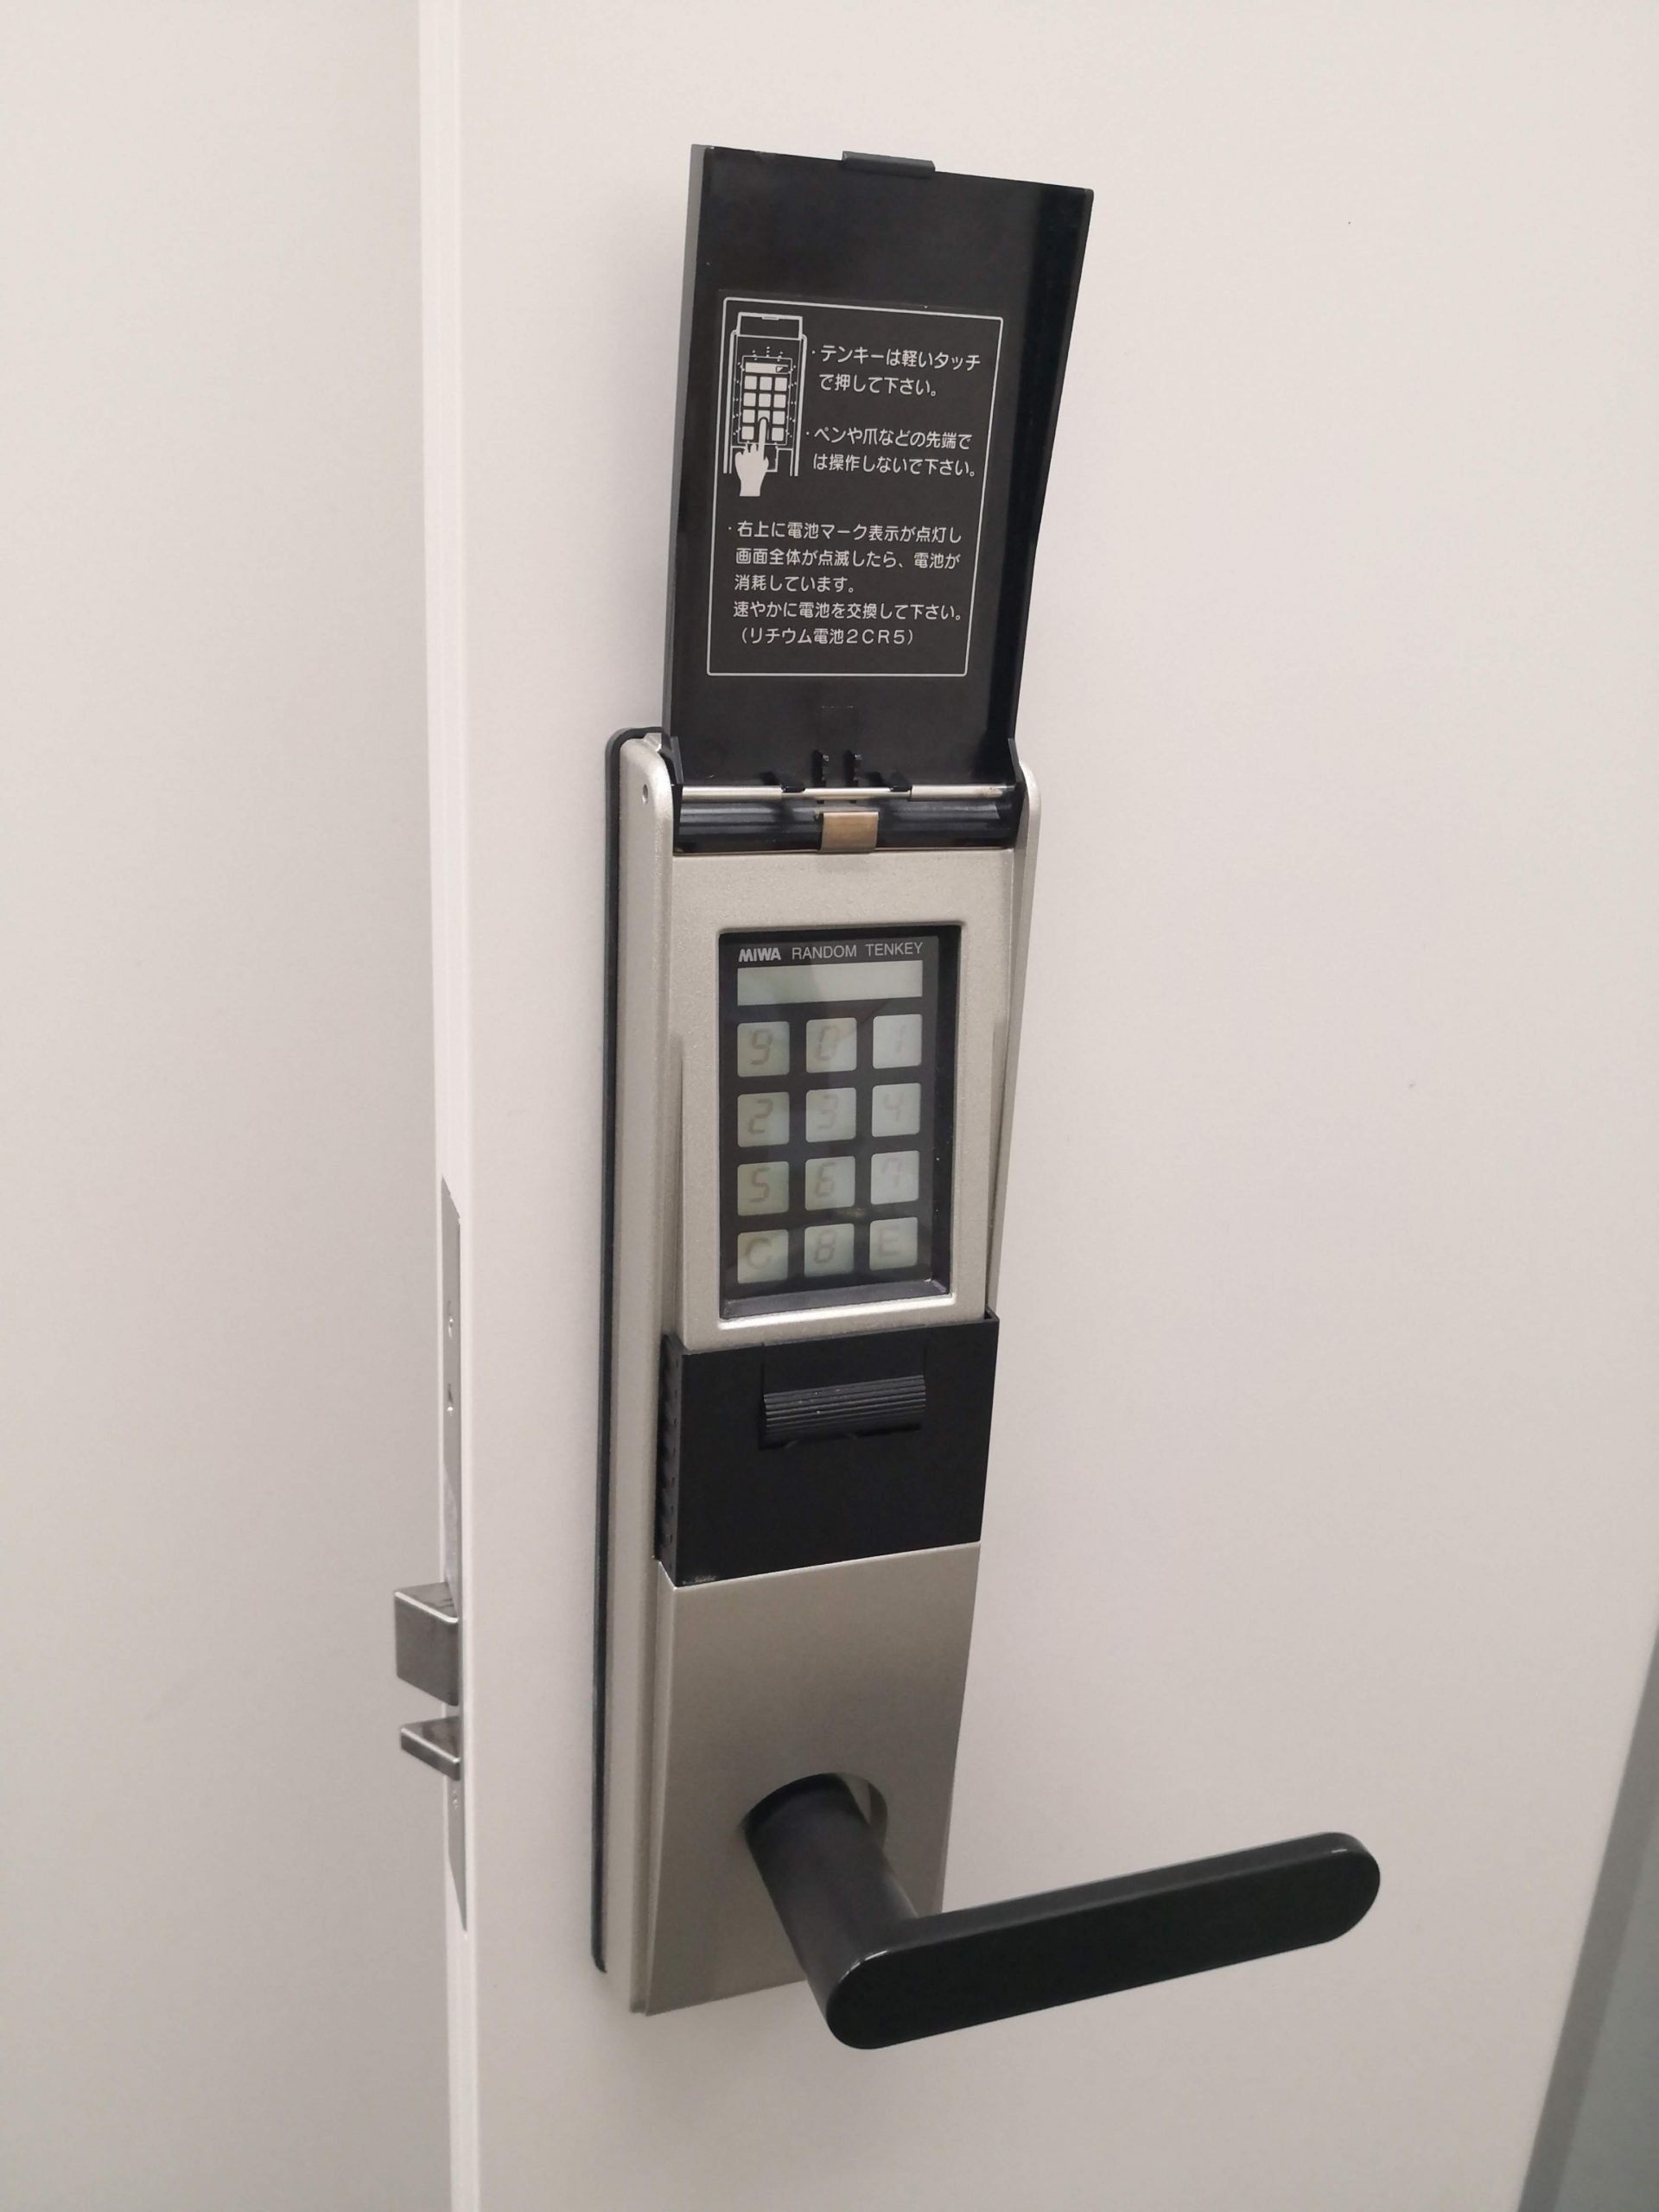 既設錠は美和ロックのランダムテンキーロック「TK4LT」自動施錠タイプ